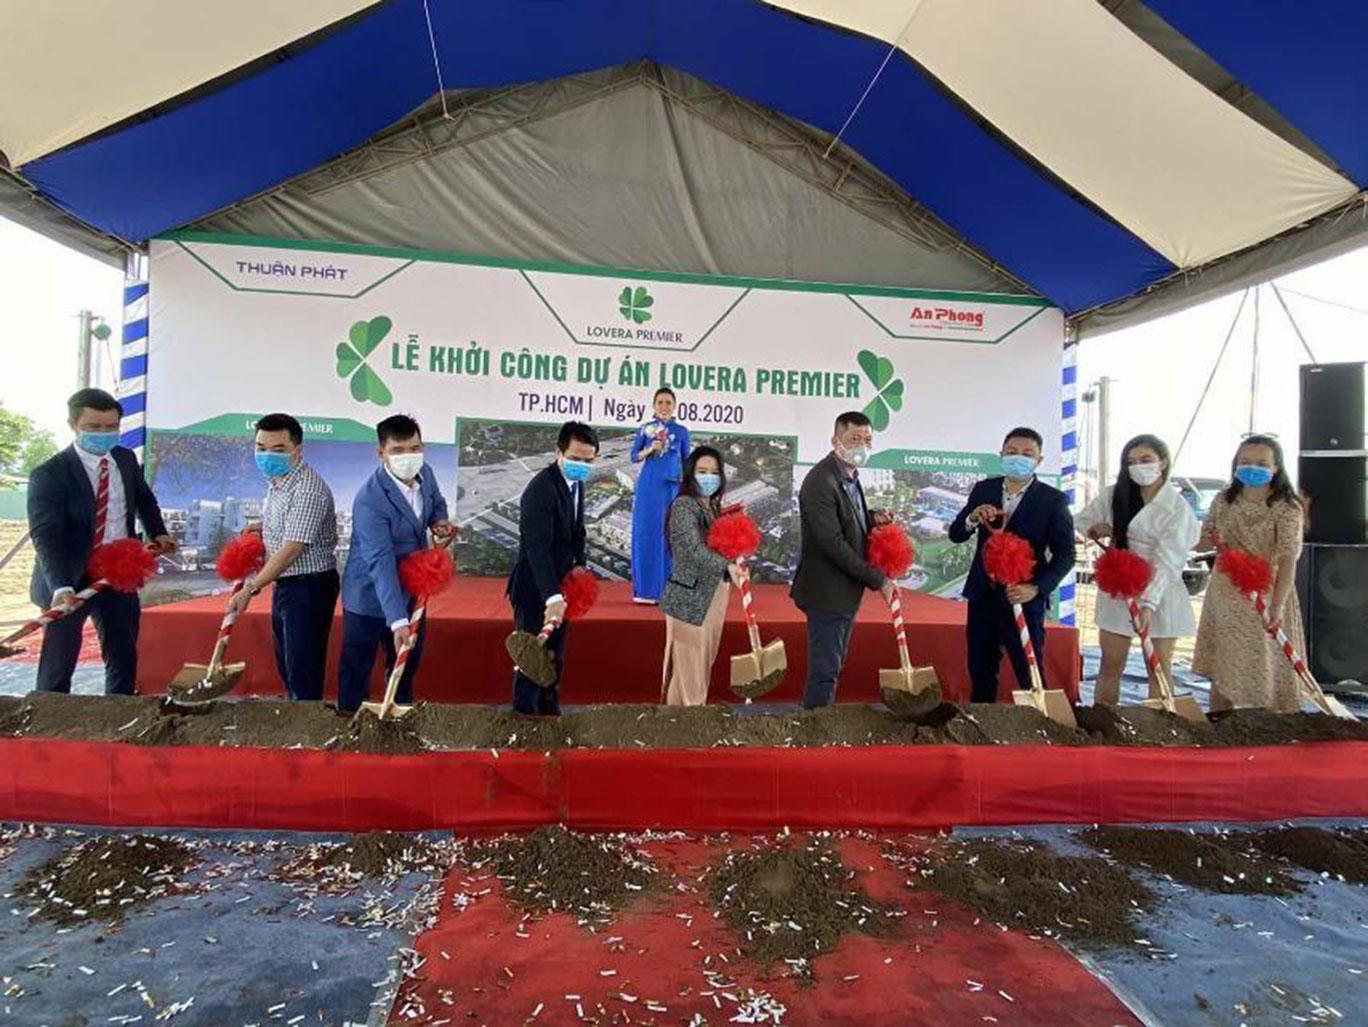 Khoi Cong Du An Lovera Park GD4